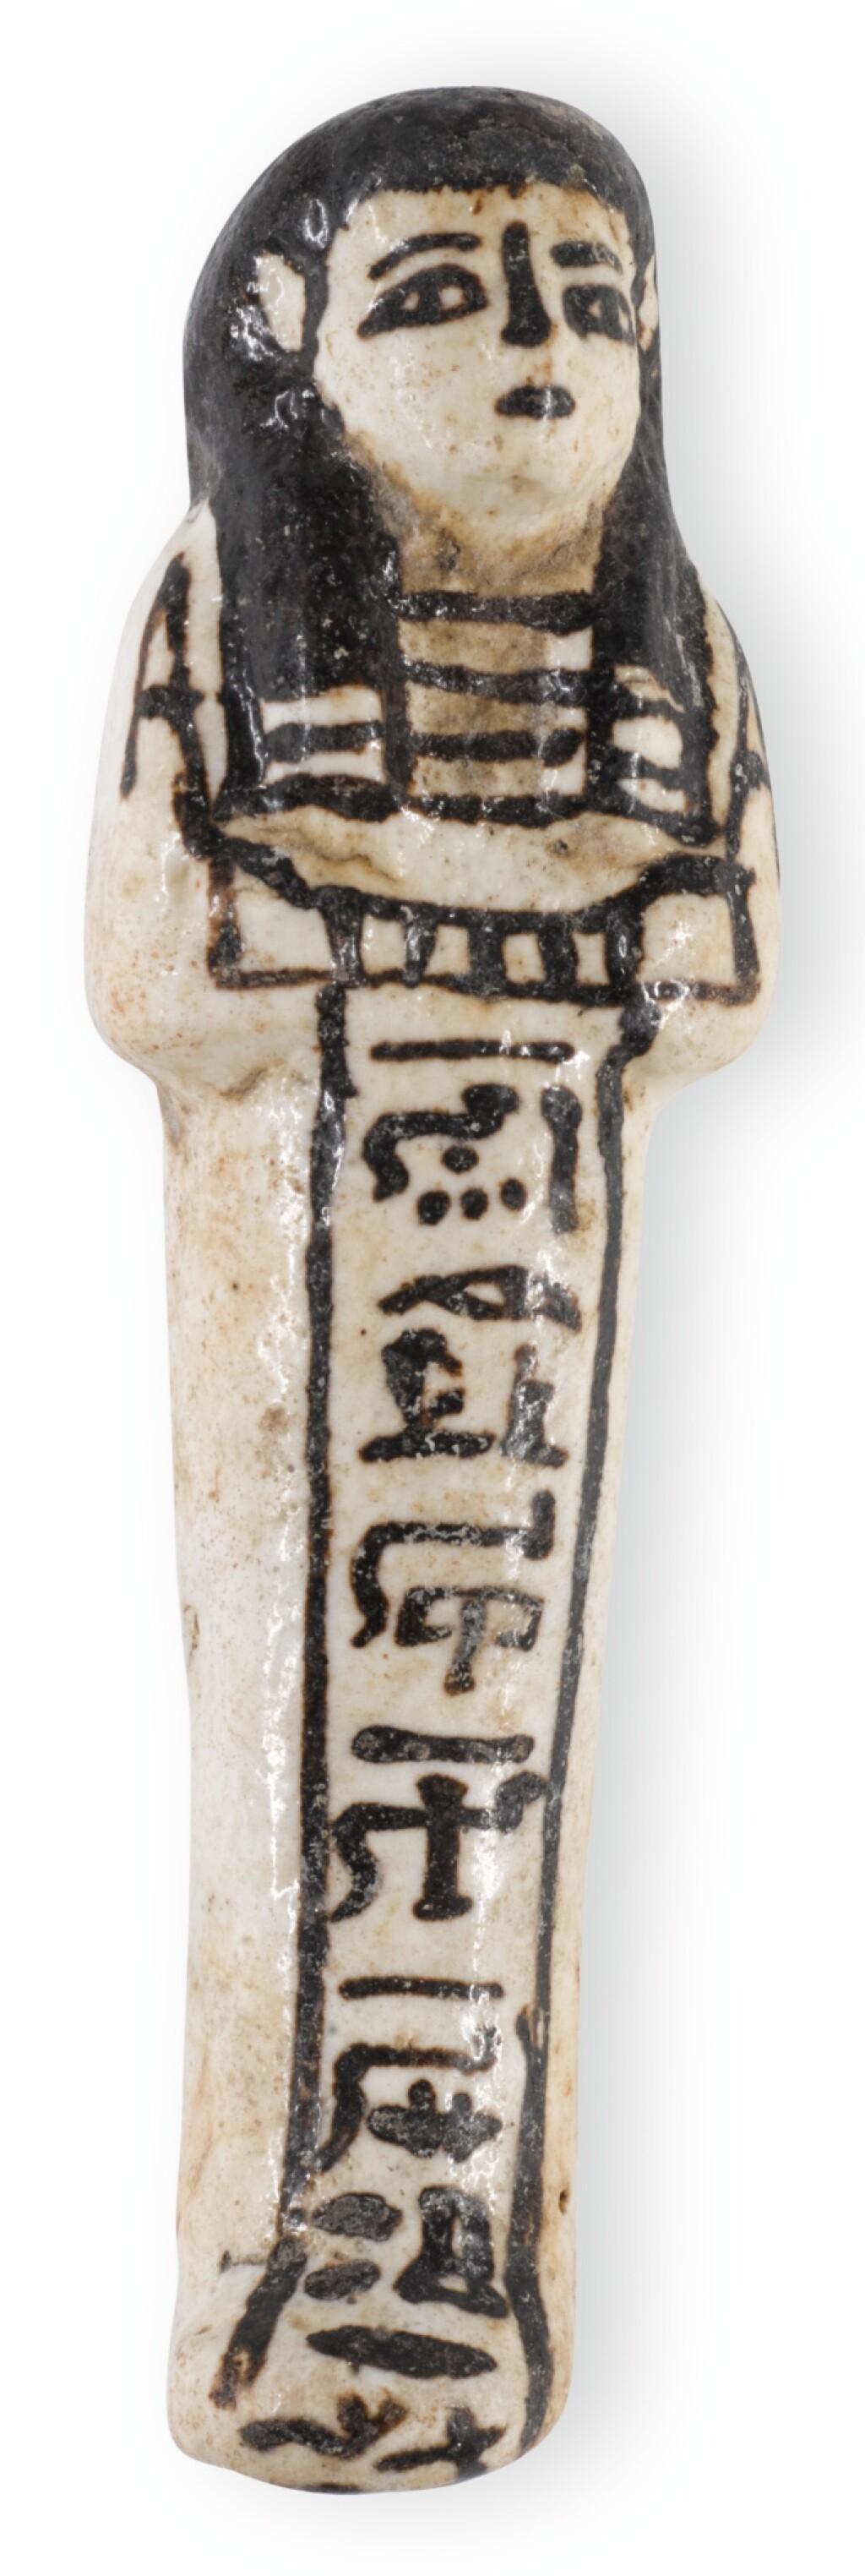 AN EGYPTIAN GLAZED FAIENCE USHABTI, 19TH/20TH DYNASTY, CIRCA 1292-1075 B.C.